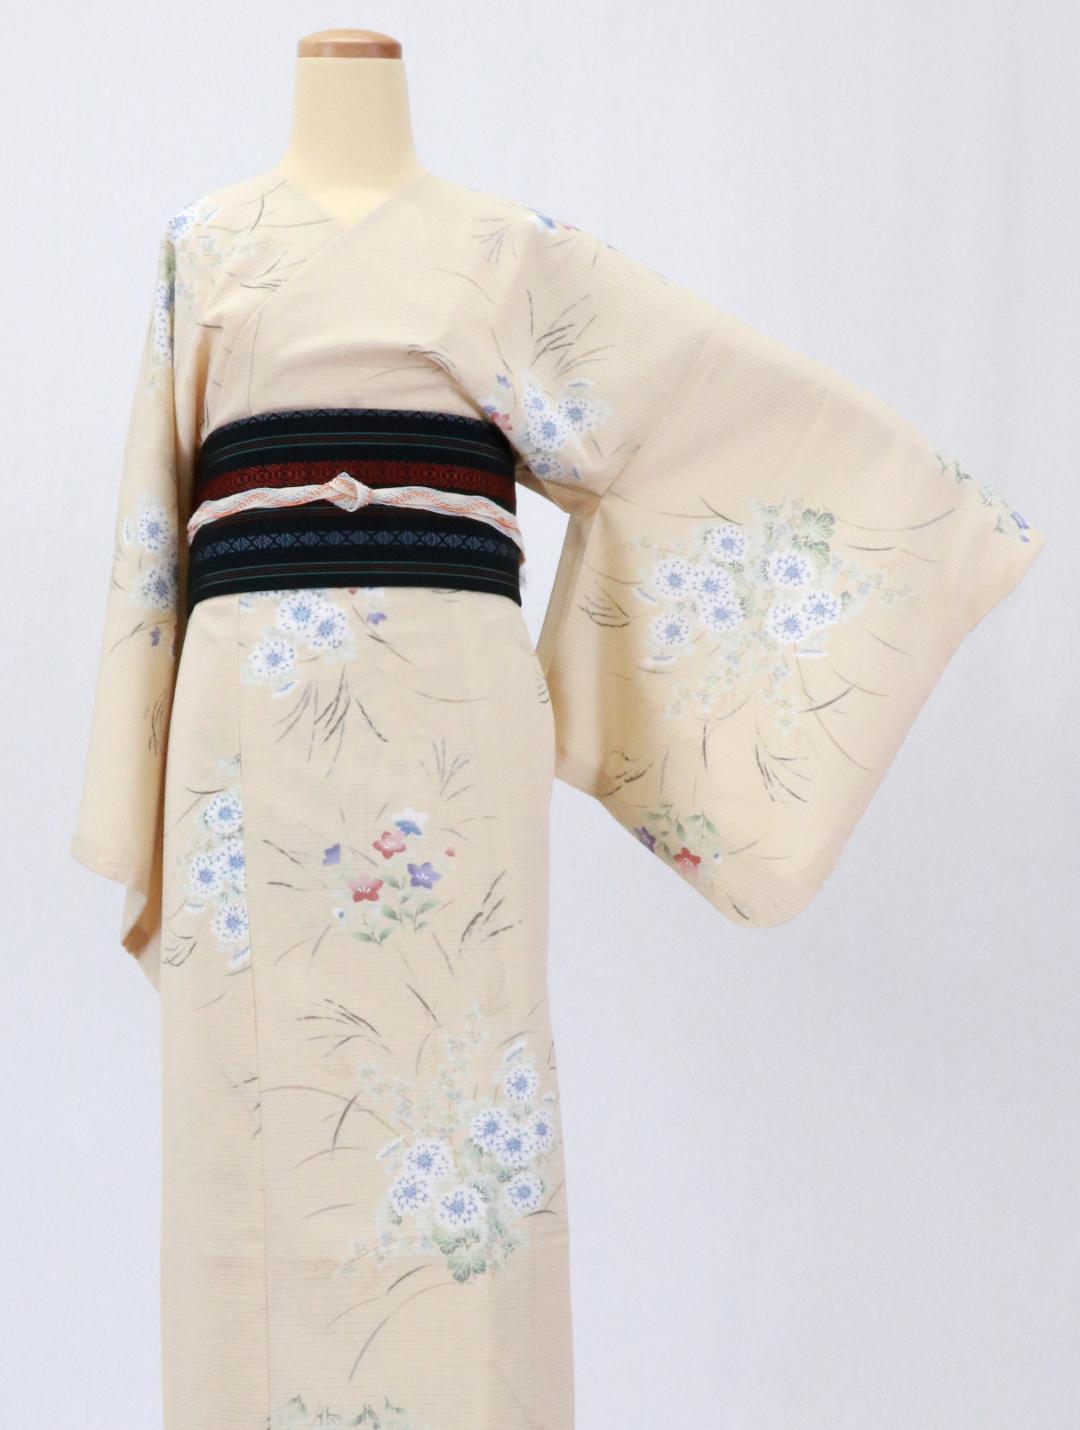 【日本製】 単品(衿なし)高級夏着物 絽 [オレンジ系][N075][MTサイズ]画像